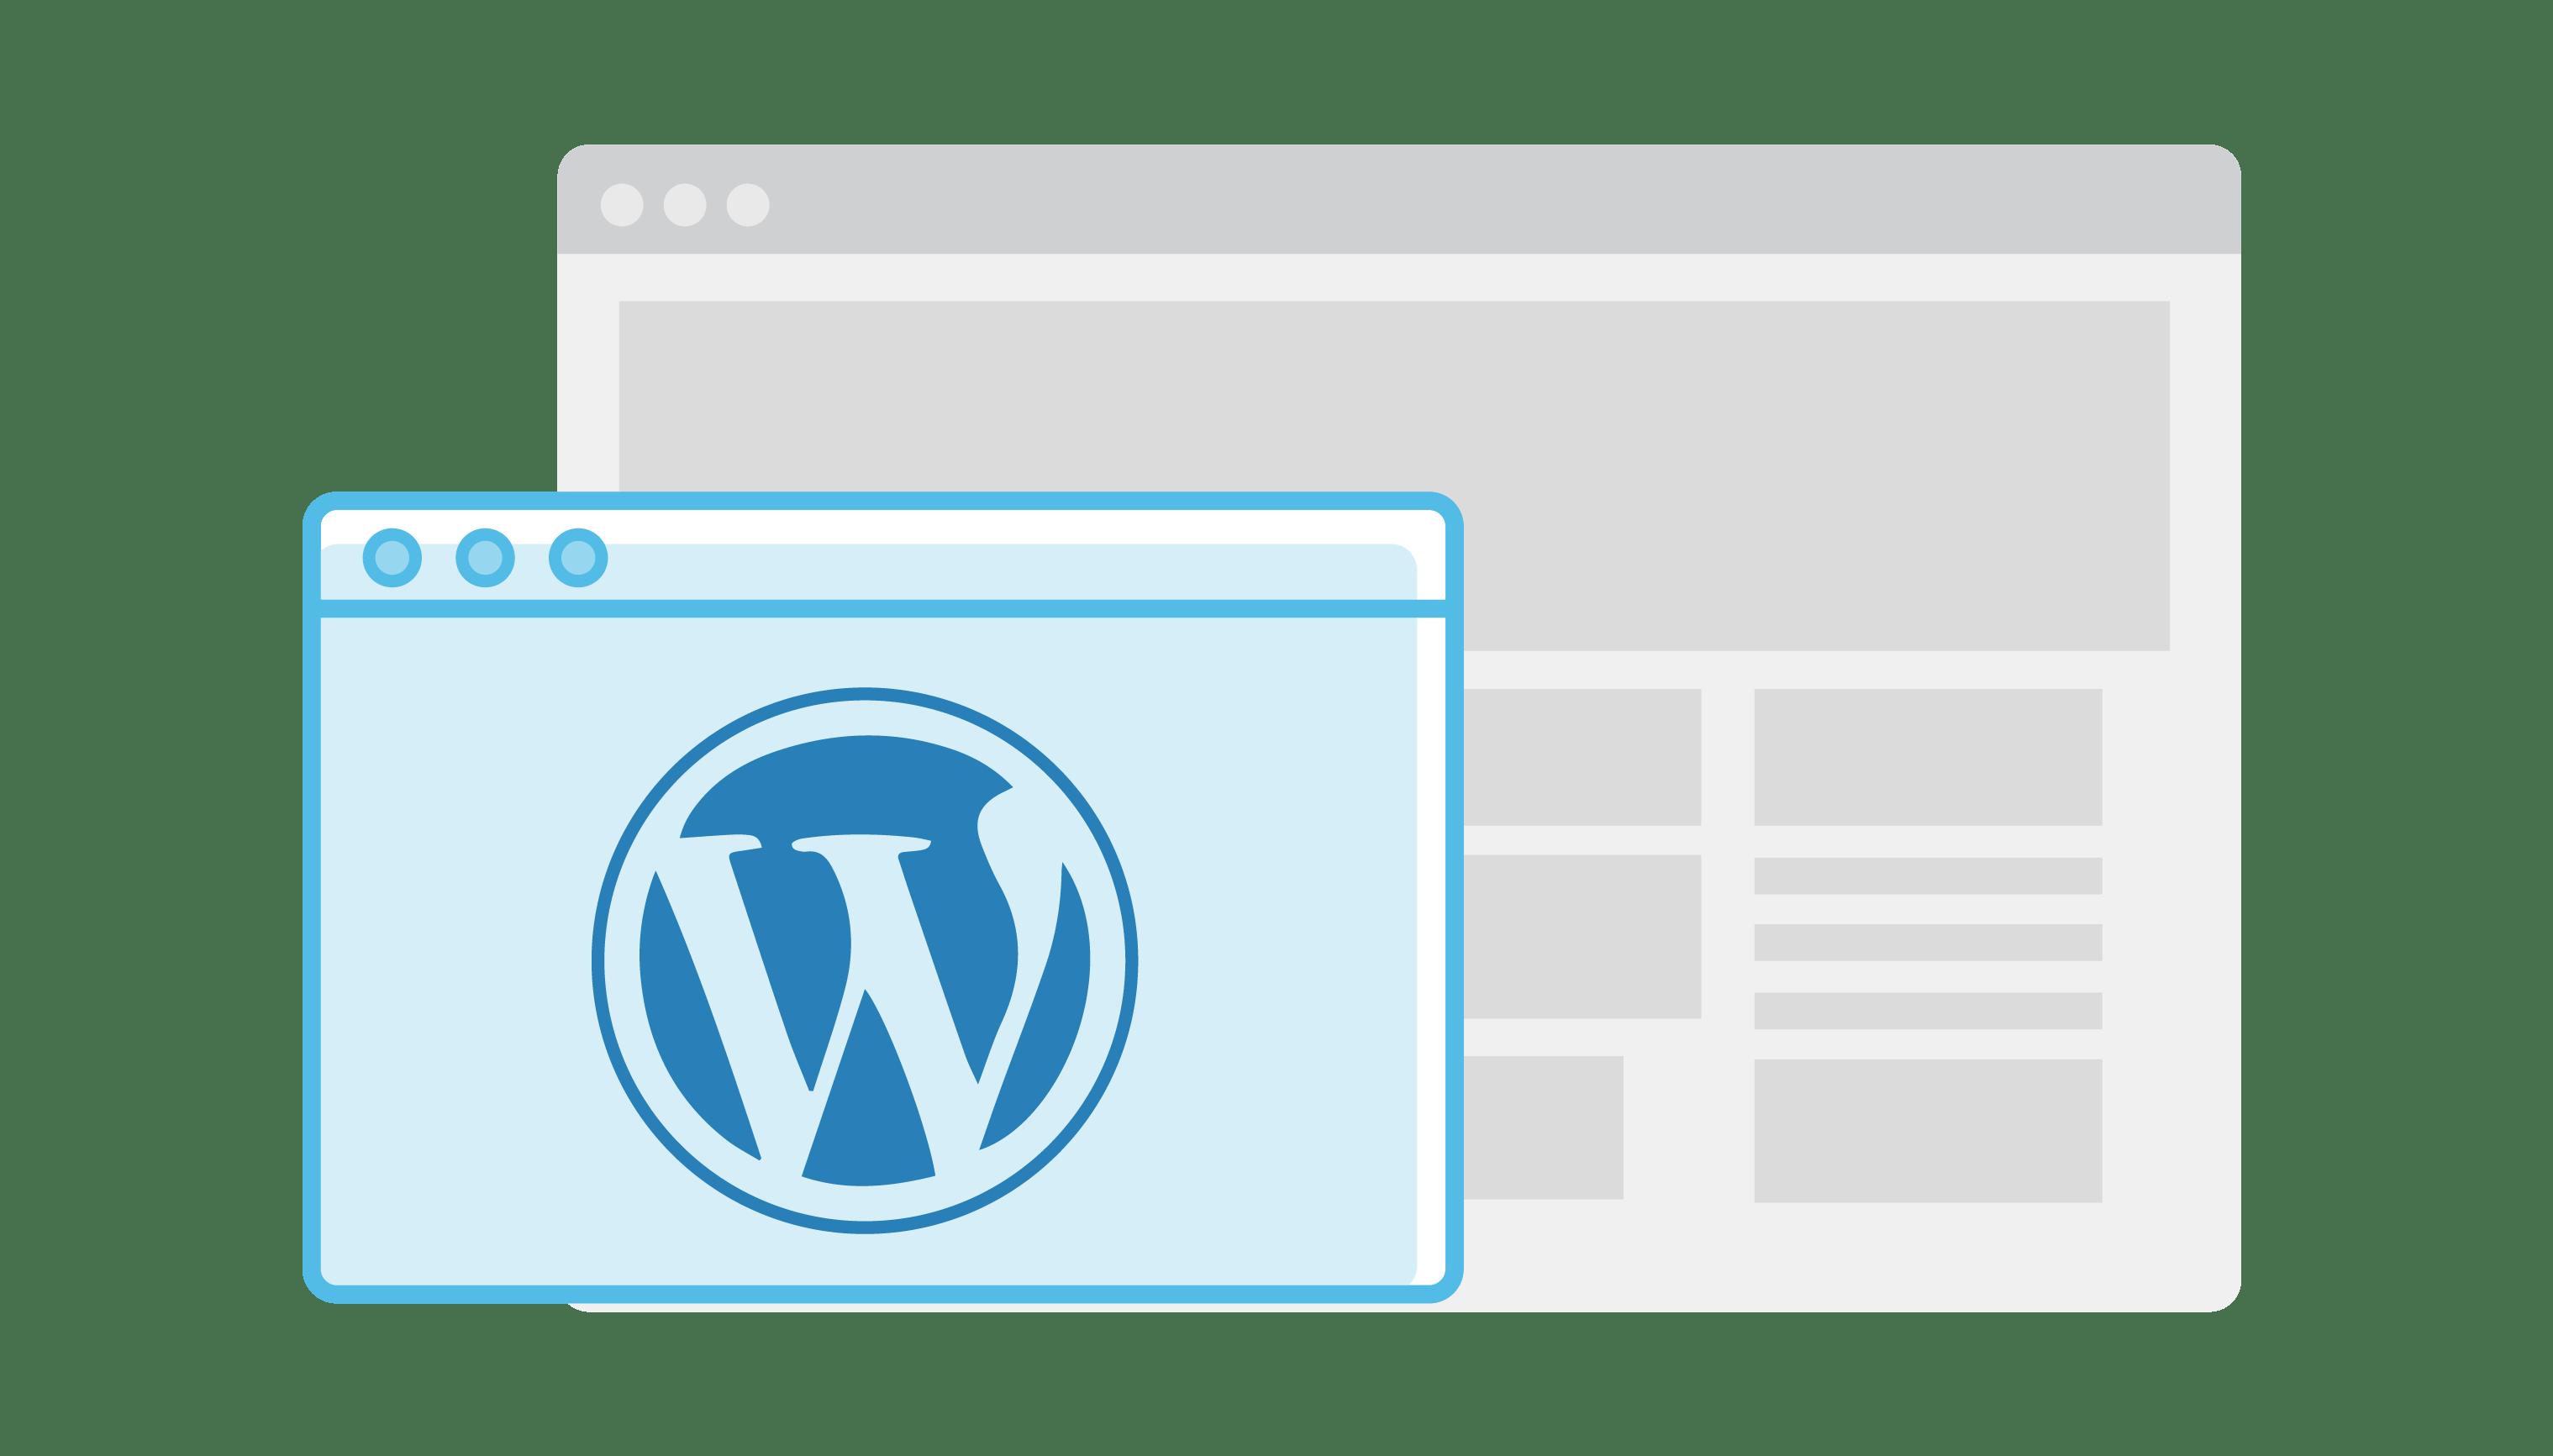 Como instalar wordpress en plesk